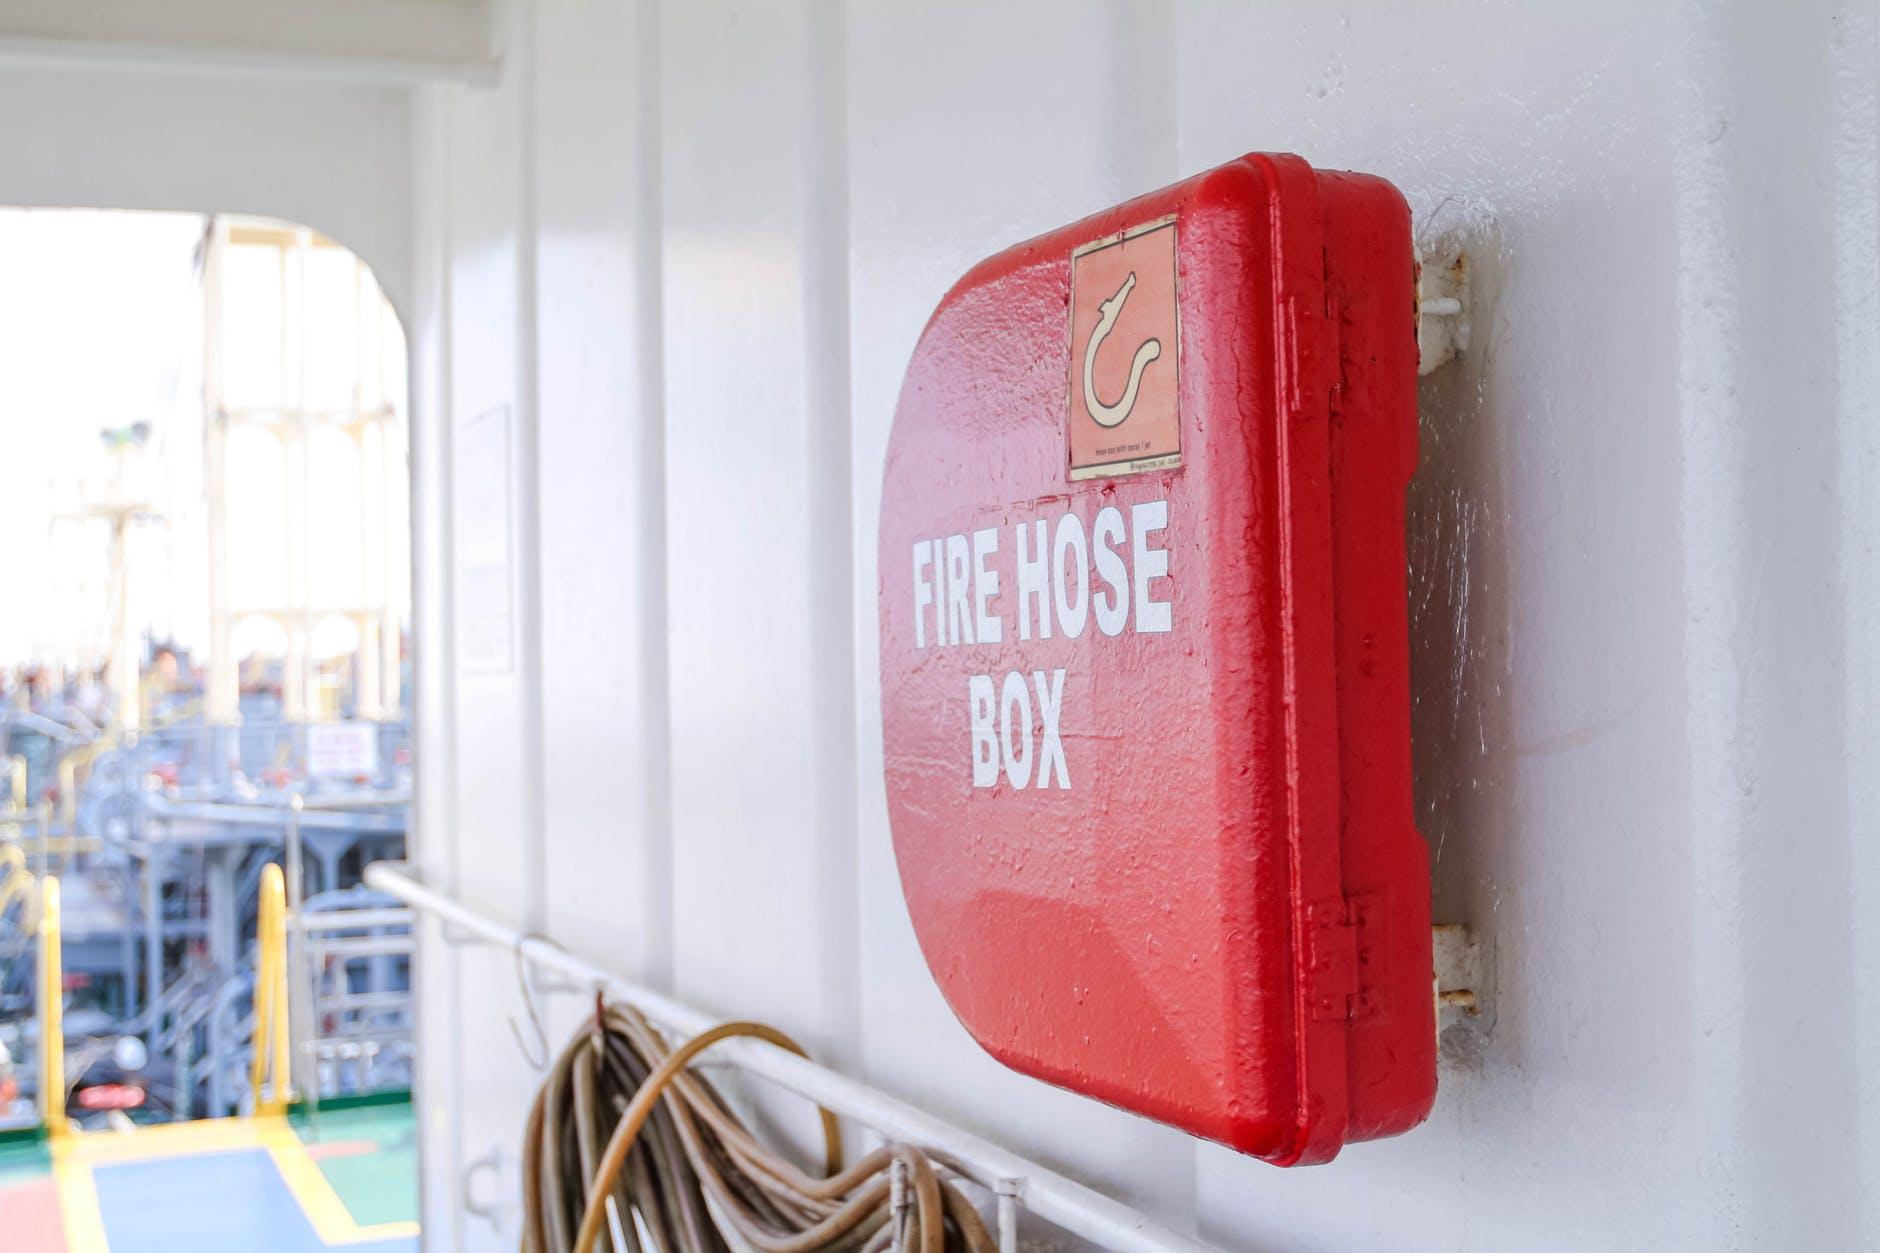 Pelatihan Fire Safety